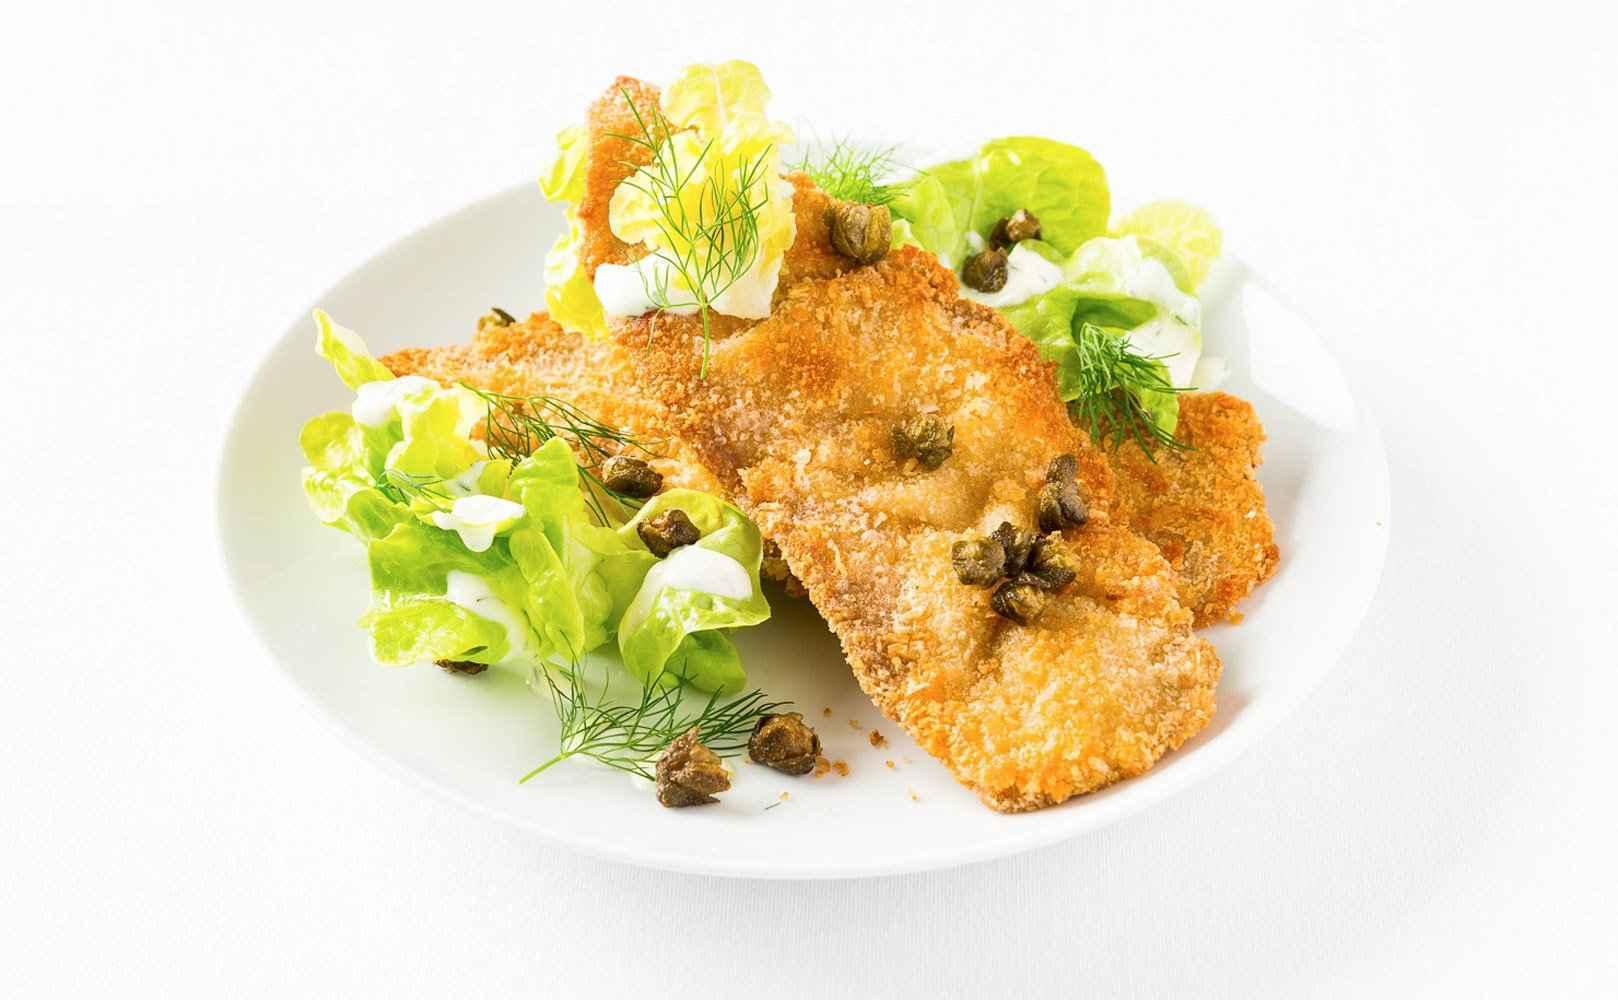 Rezept für Kaltes Braten-Knusperschnitzel mit frittierten Kapern